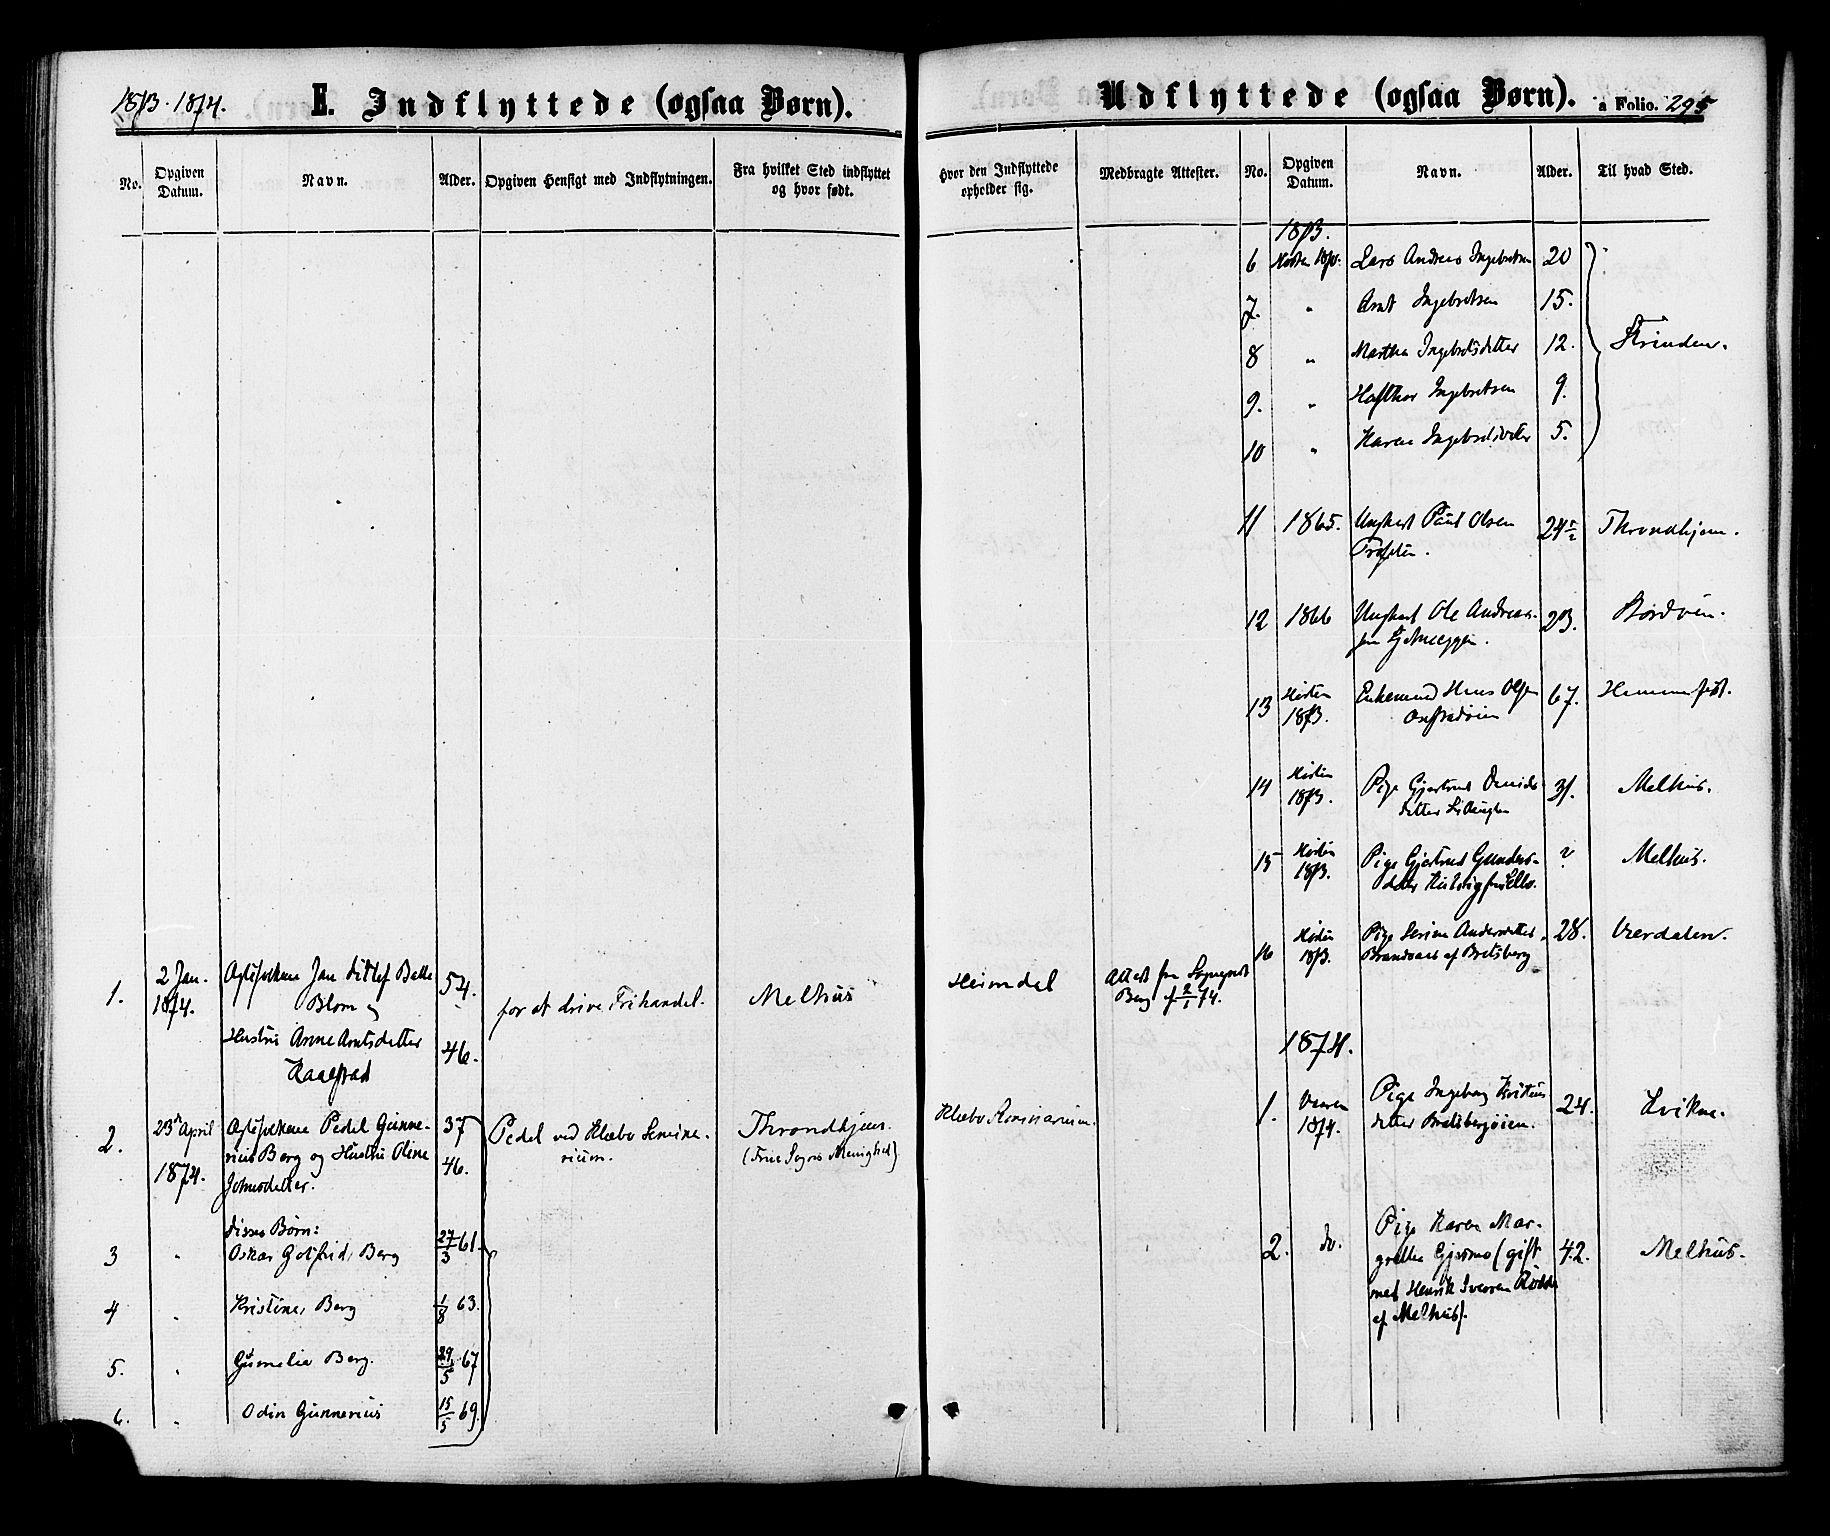 SAT, Ministerialprotokoller, klokkerbøker og fødselsregistre - Sør-Trøndelag, 618/L0442: Ministerialbok nr. 618A06 /1, 1863-1879, s. 295